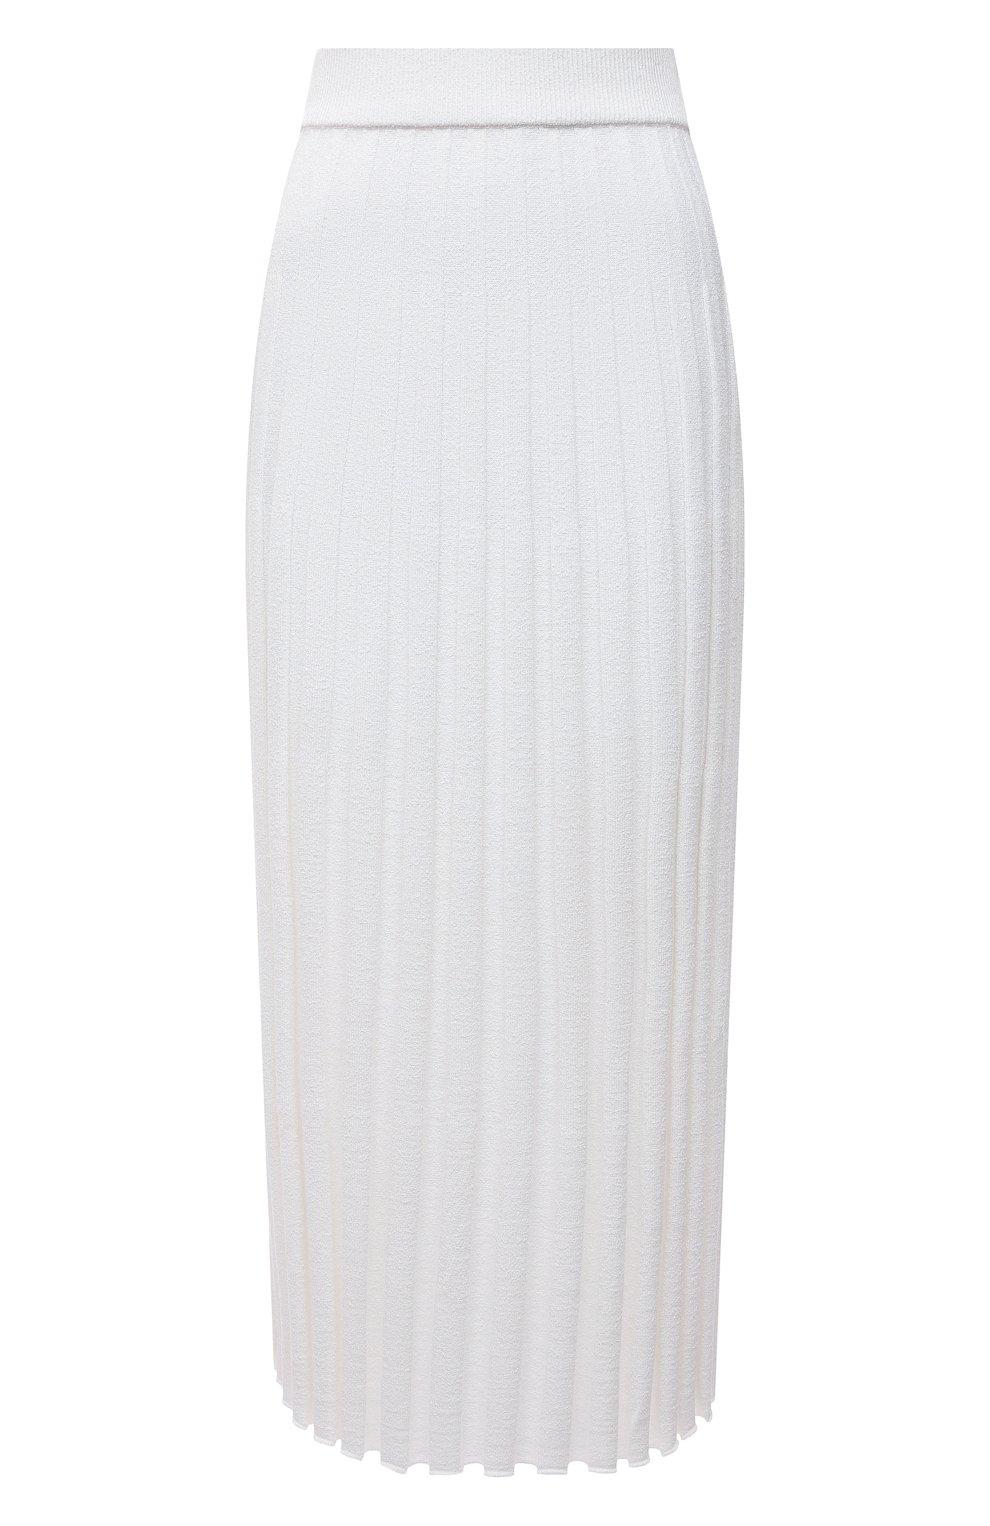 Женская юбка из вискозы JOSEPH белого цвета, арт. JF005331 | Фото 1